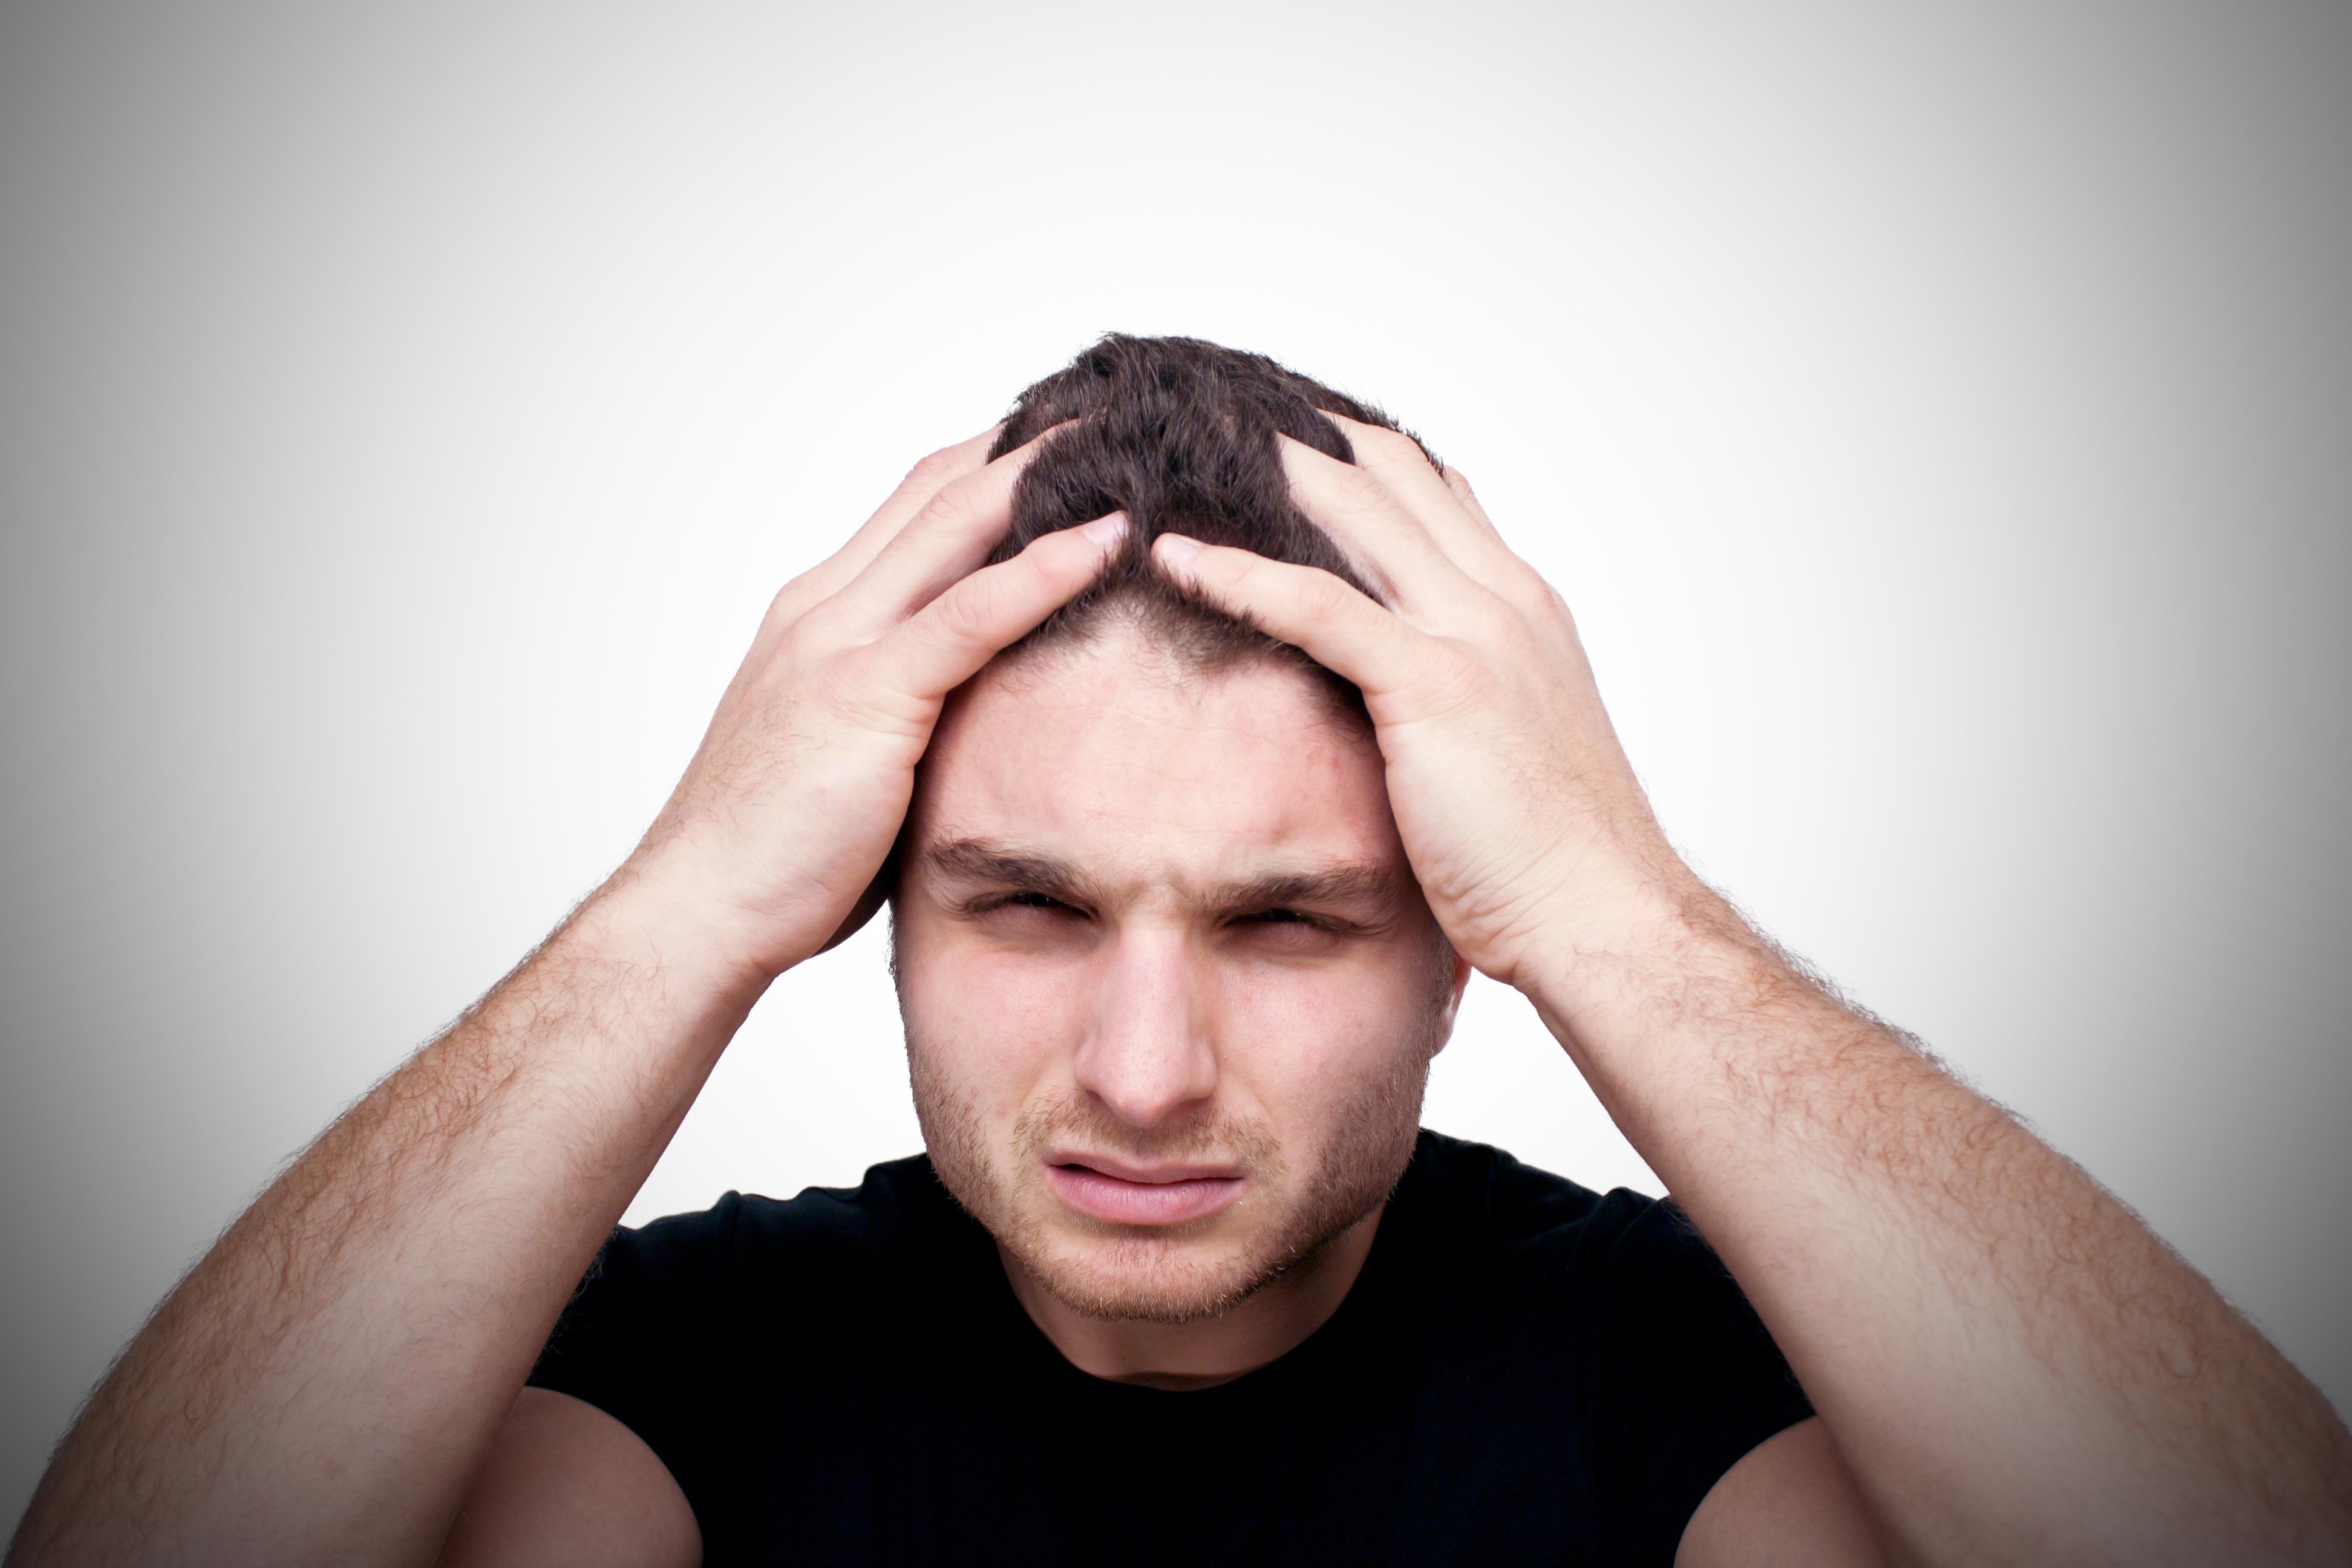 Hypochondrie: Panische Angst vor schlimmen Krankheiten